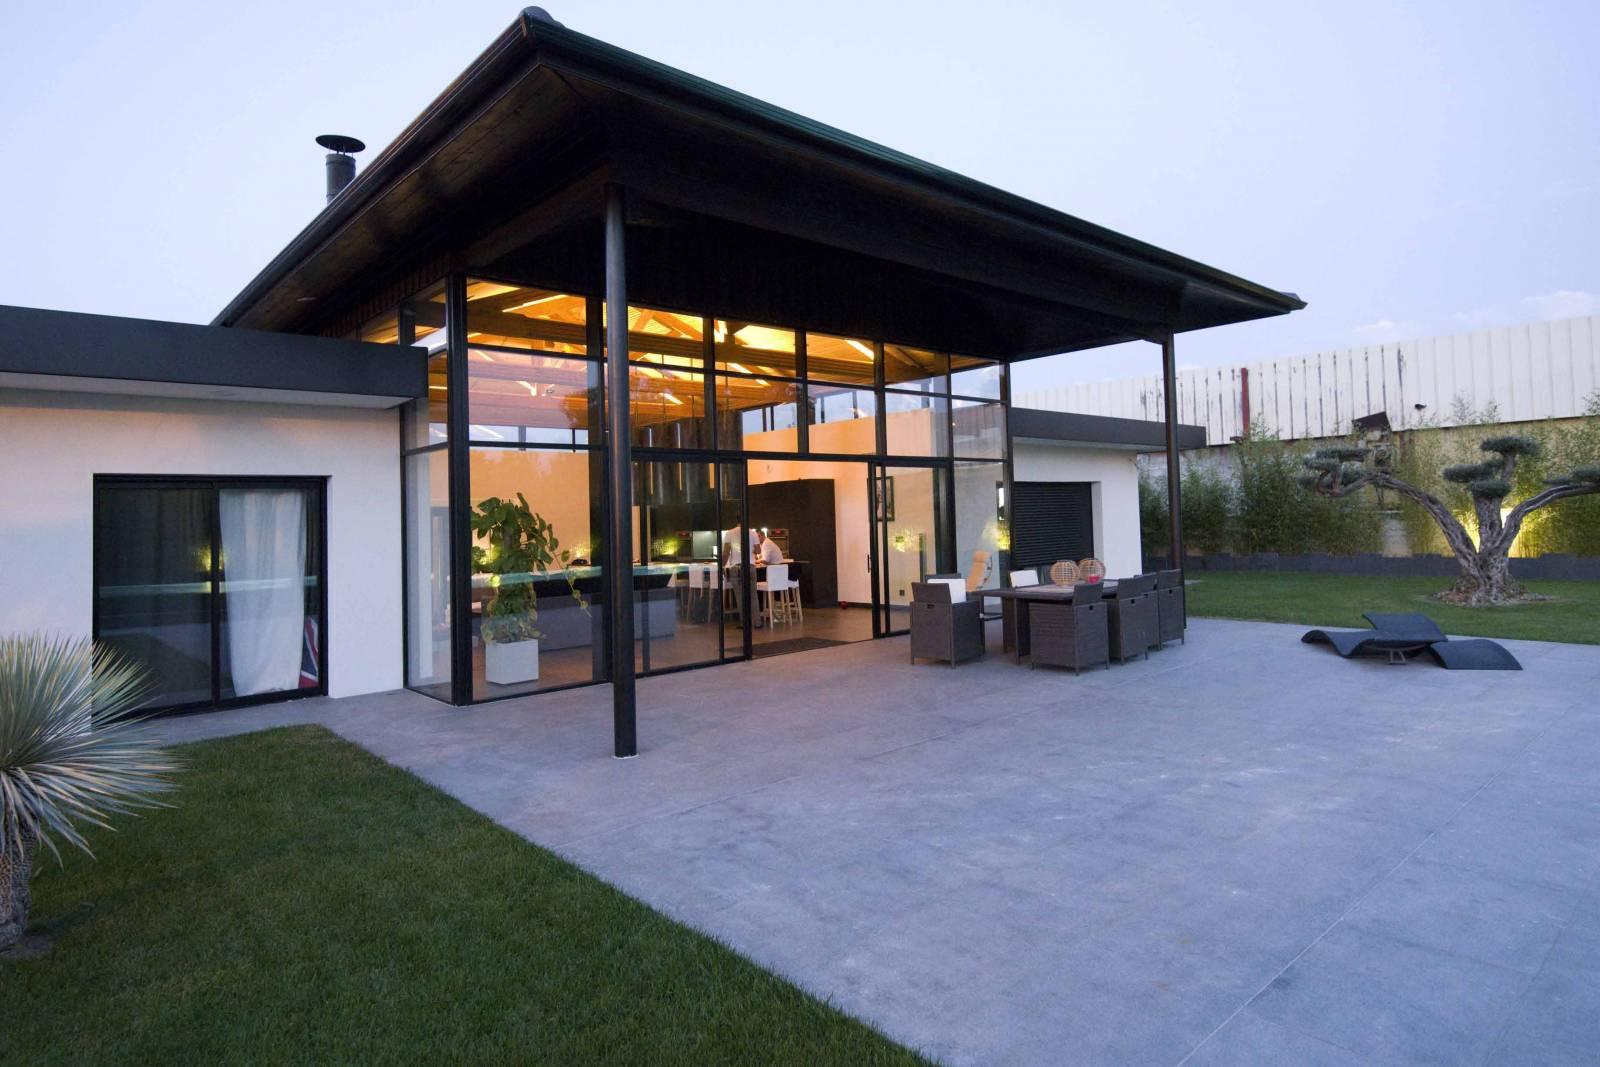 Maison Ossature Métallique Contemporaine maison maçonnerie, métal et bois - architecte bordeaux